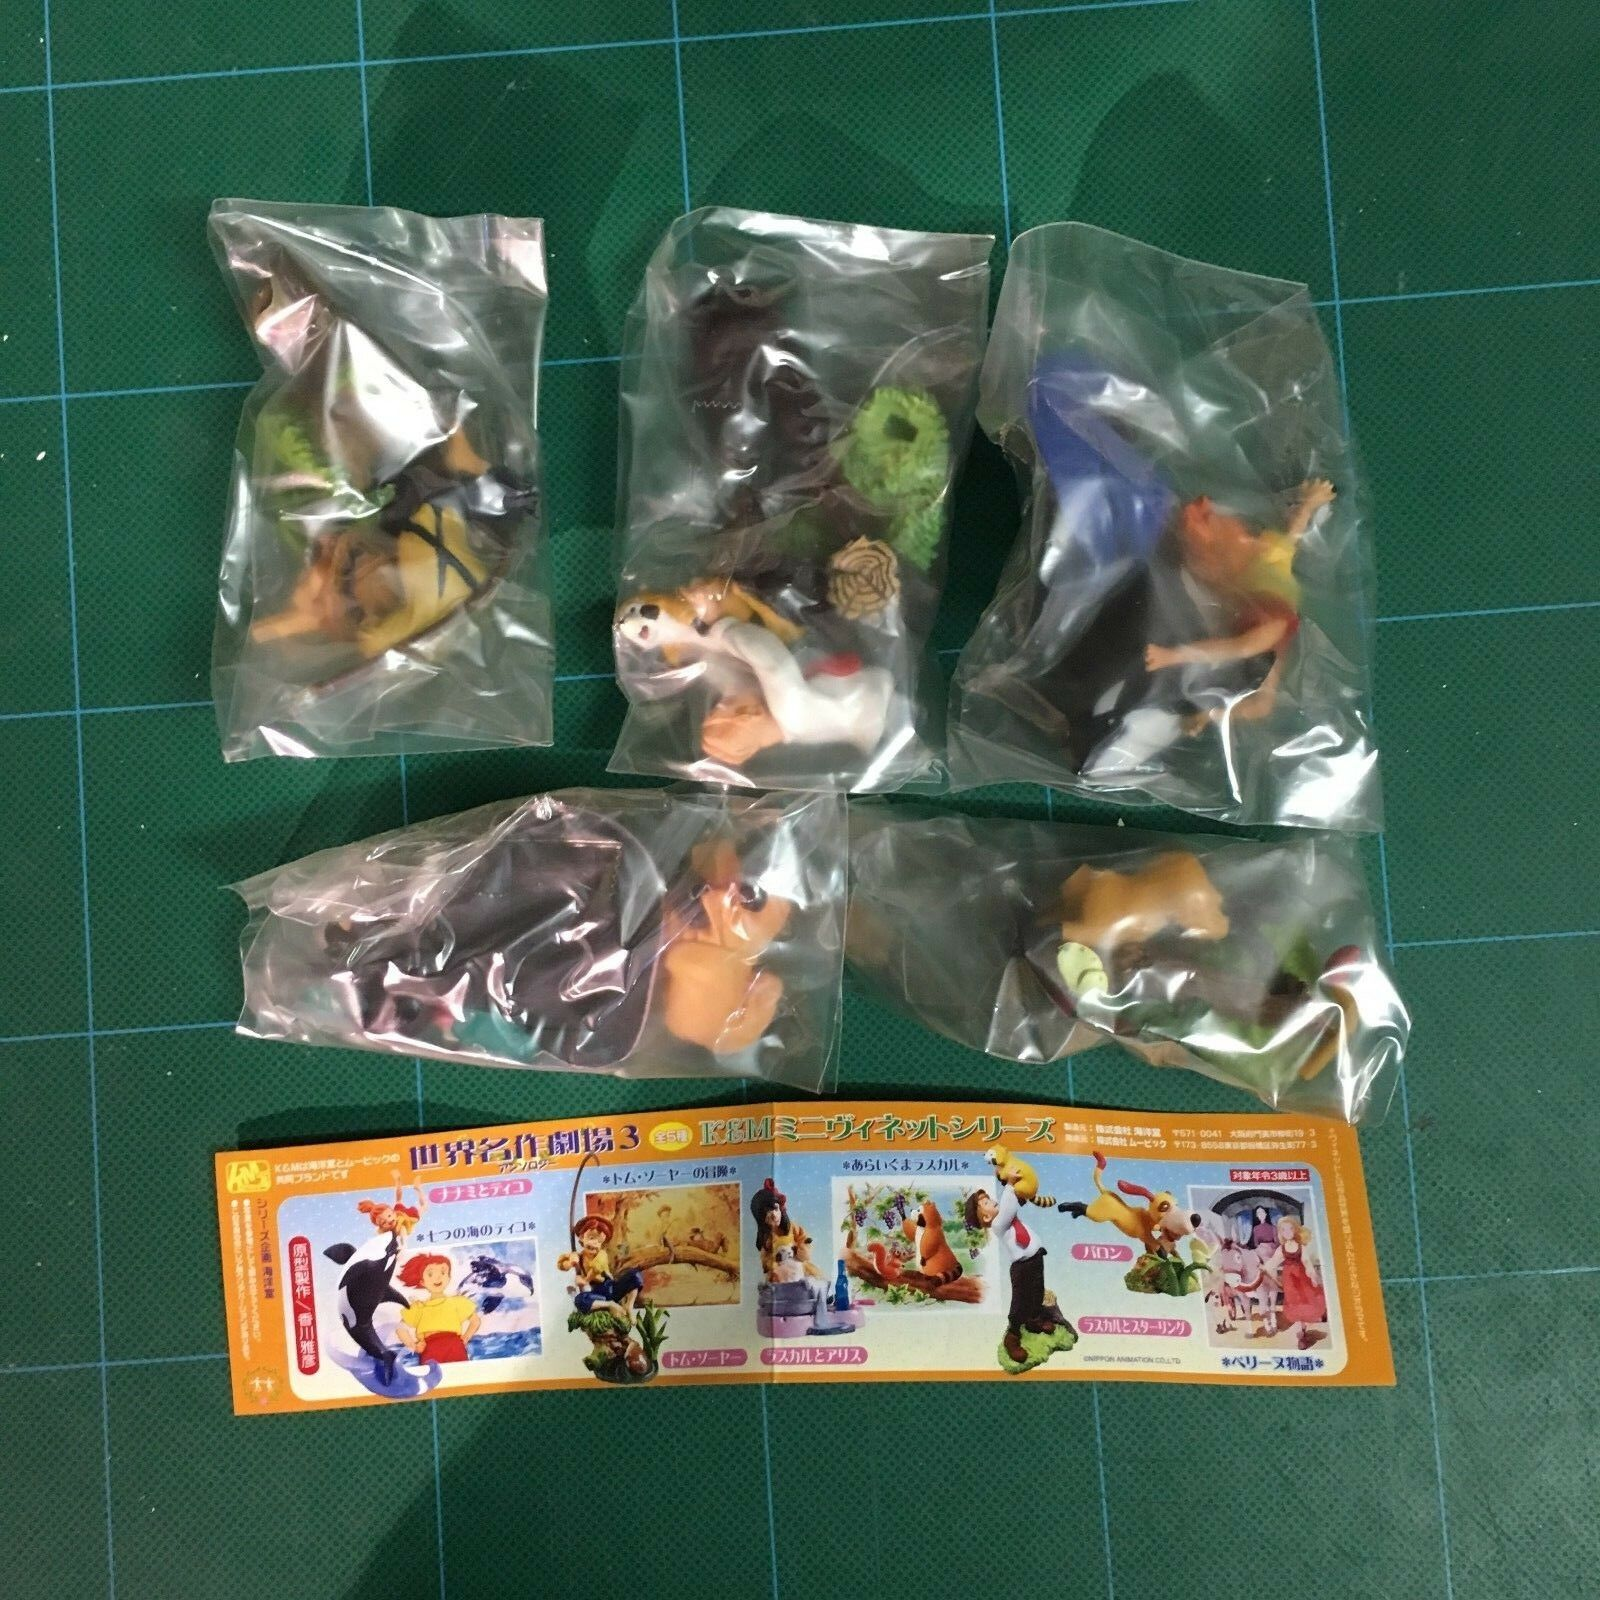 K&M MINI VIGNETTE SERIES 3  Anime Manga GASHAPON MINI FIGURE set completo 5 pz.